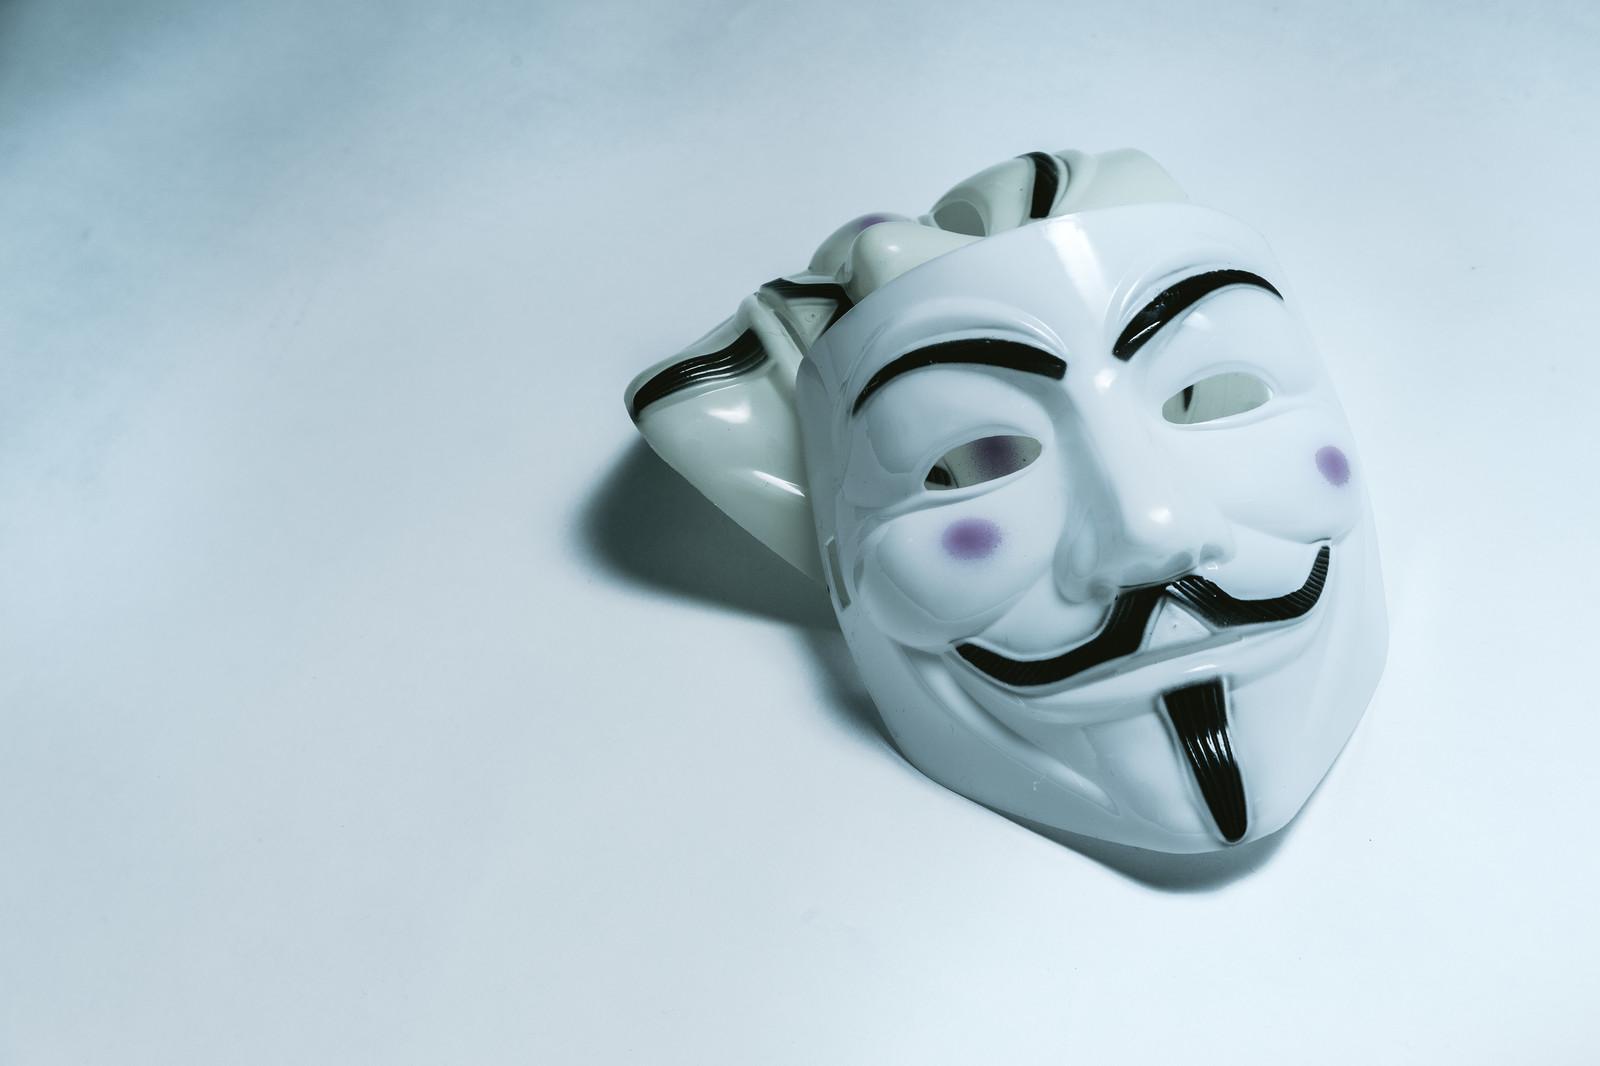 정치적 메시지를 위한 해킹?